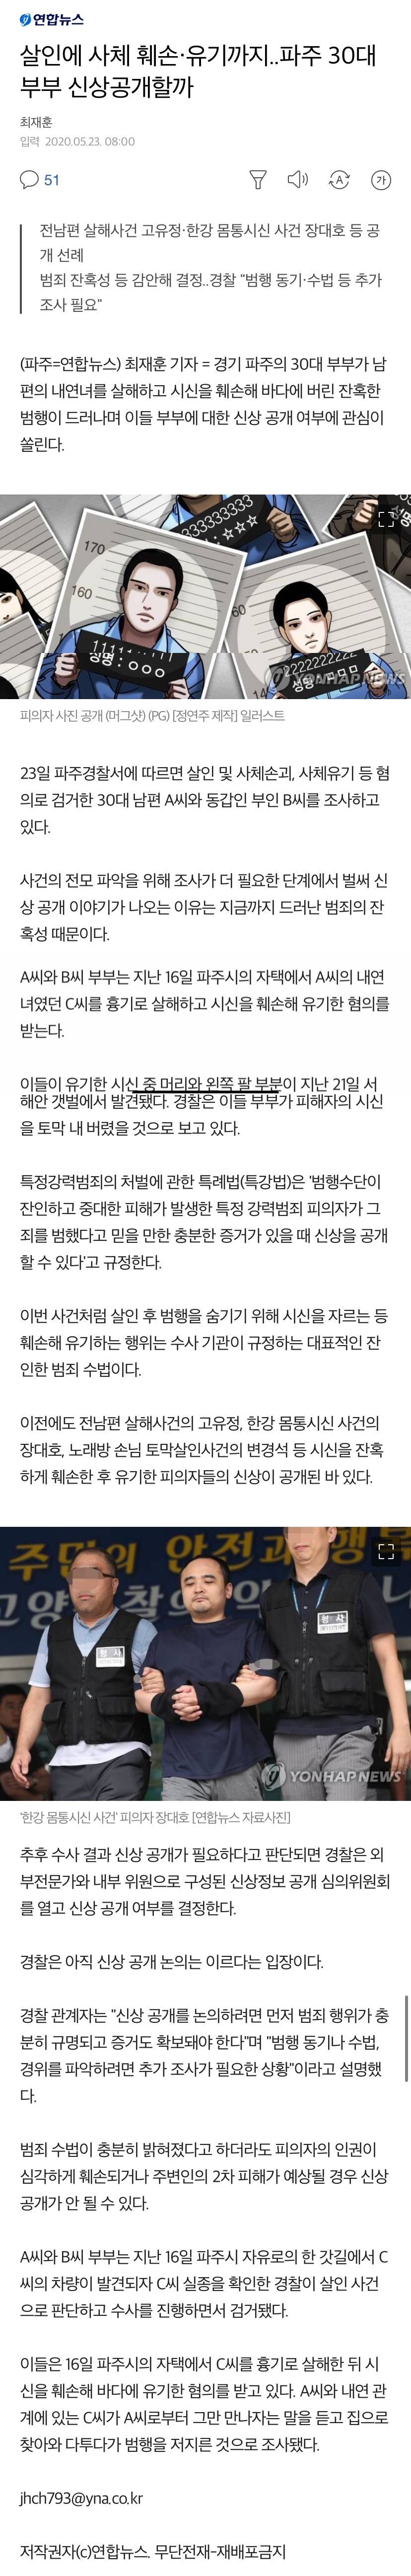 [유머] 파주 30대 부부 사체훼손 및 유기. 신상공개?! -  와이드섬